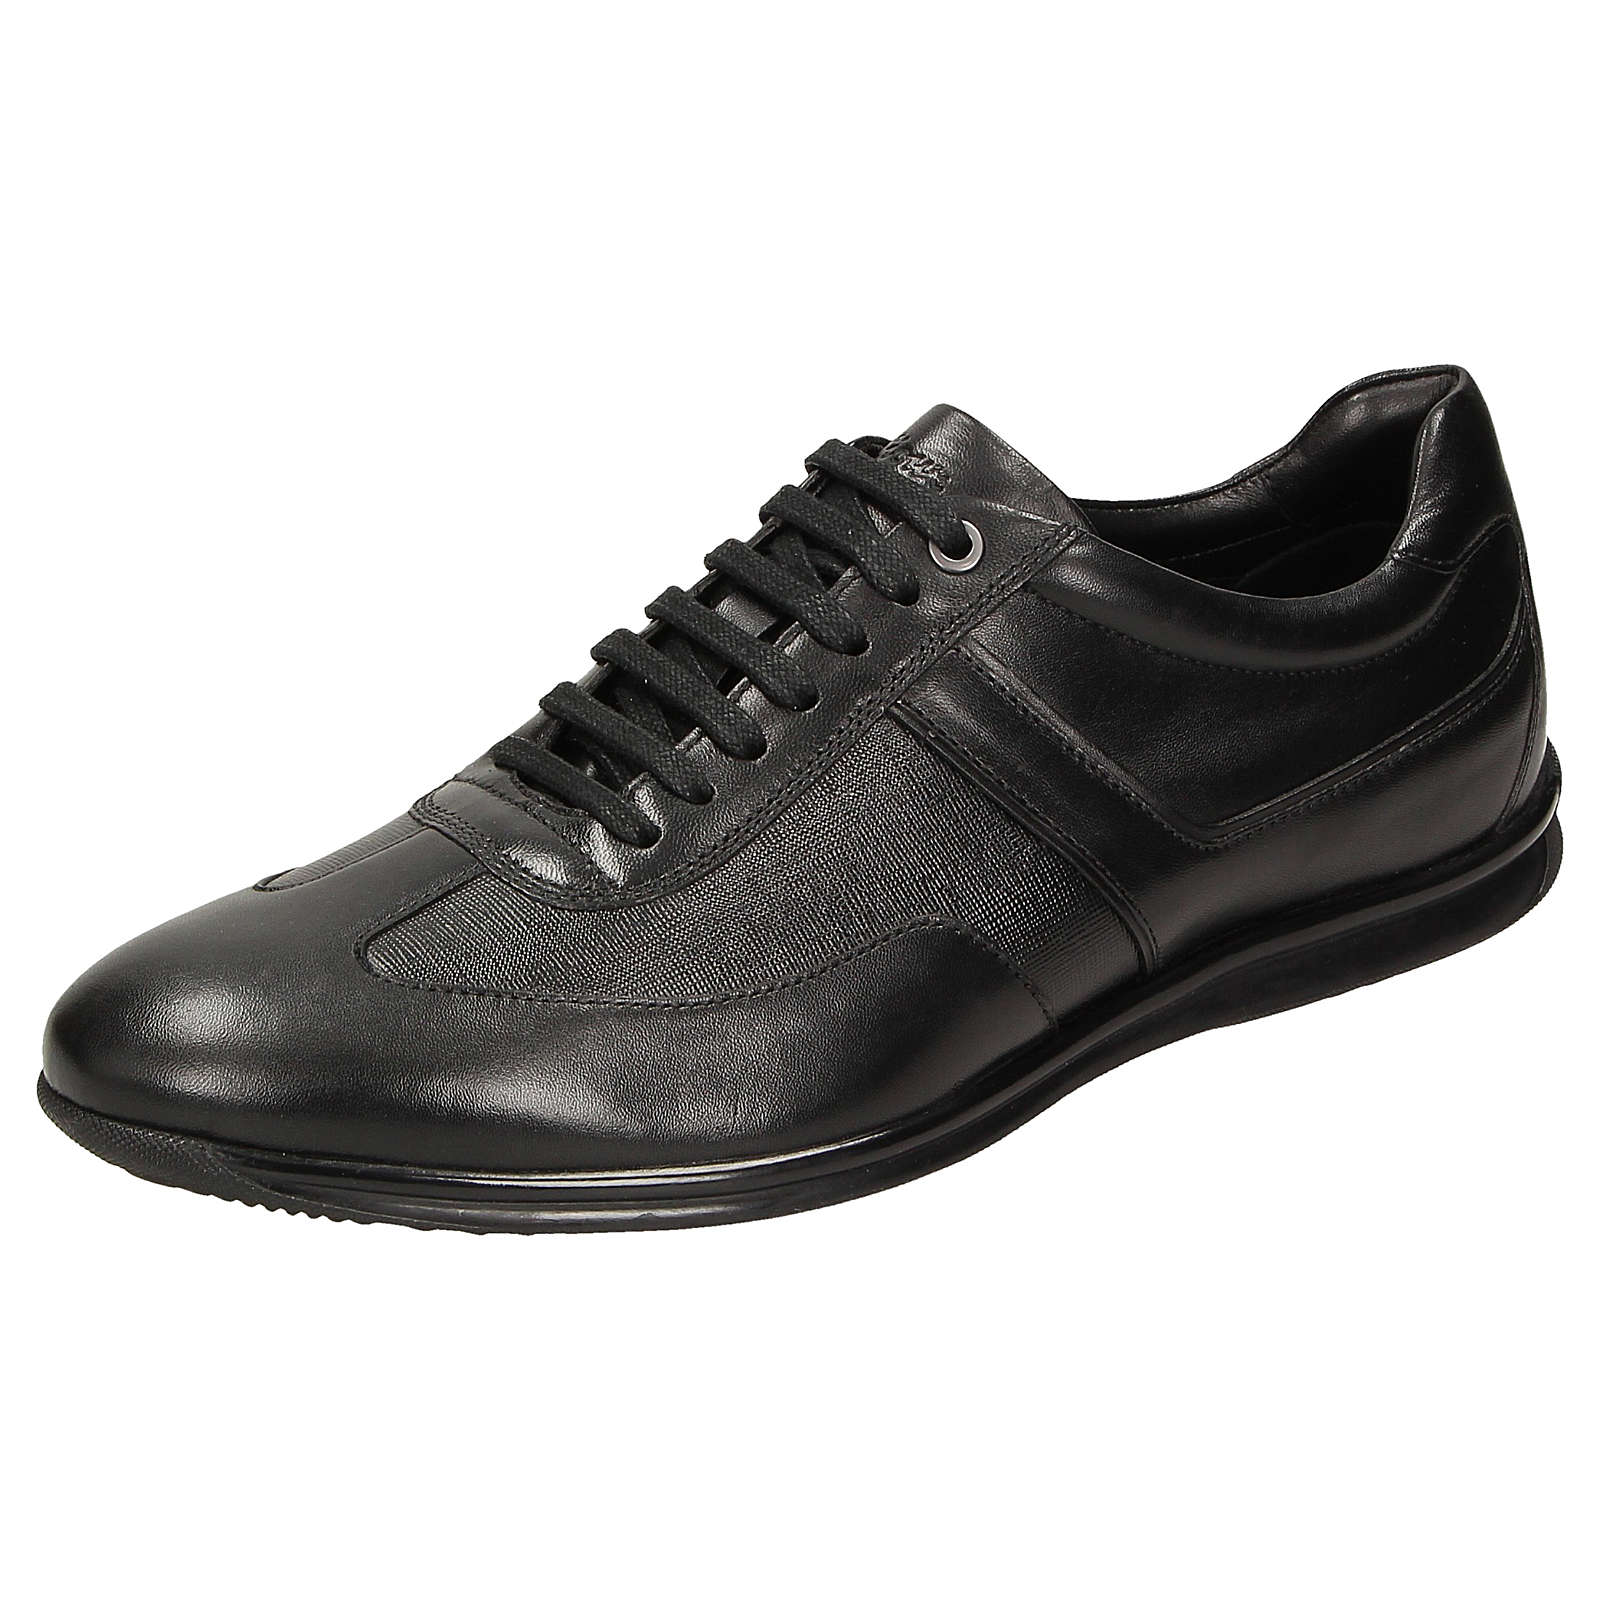 Sioux Sneaker Monaim-700 Sneakers Low schwarz Herren Gr. 40